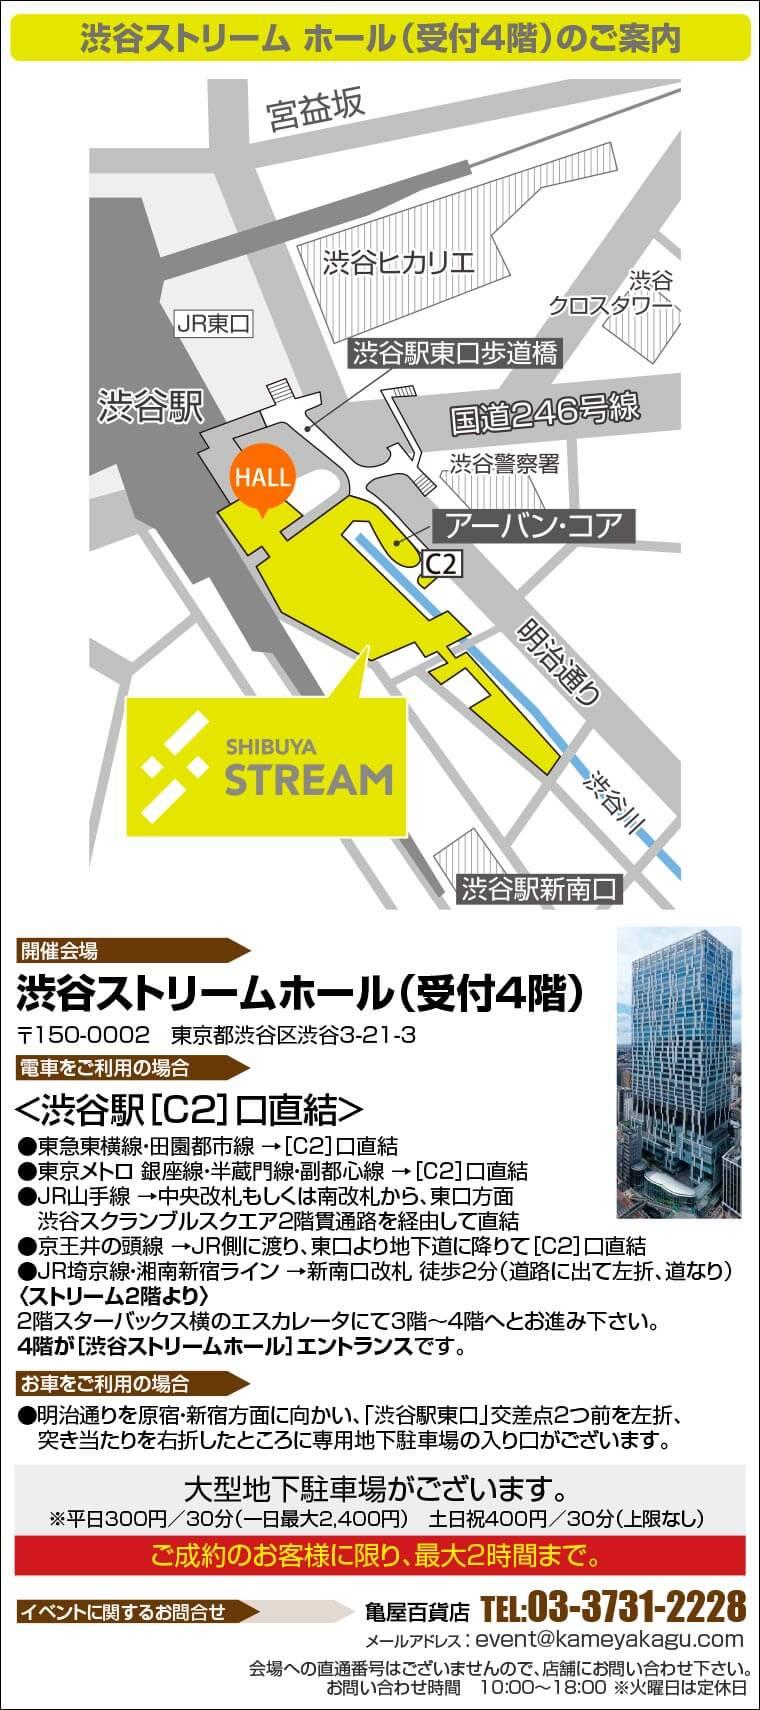 渋谷ストリーム ホールへのアクセス